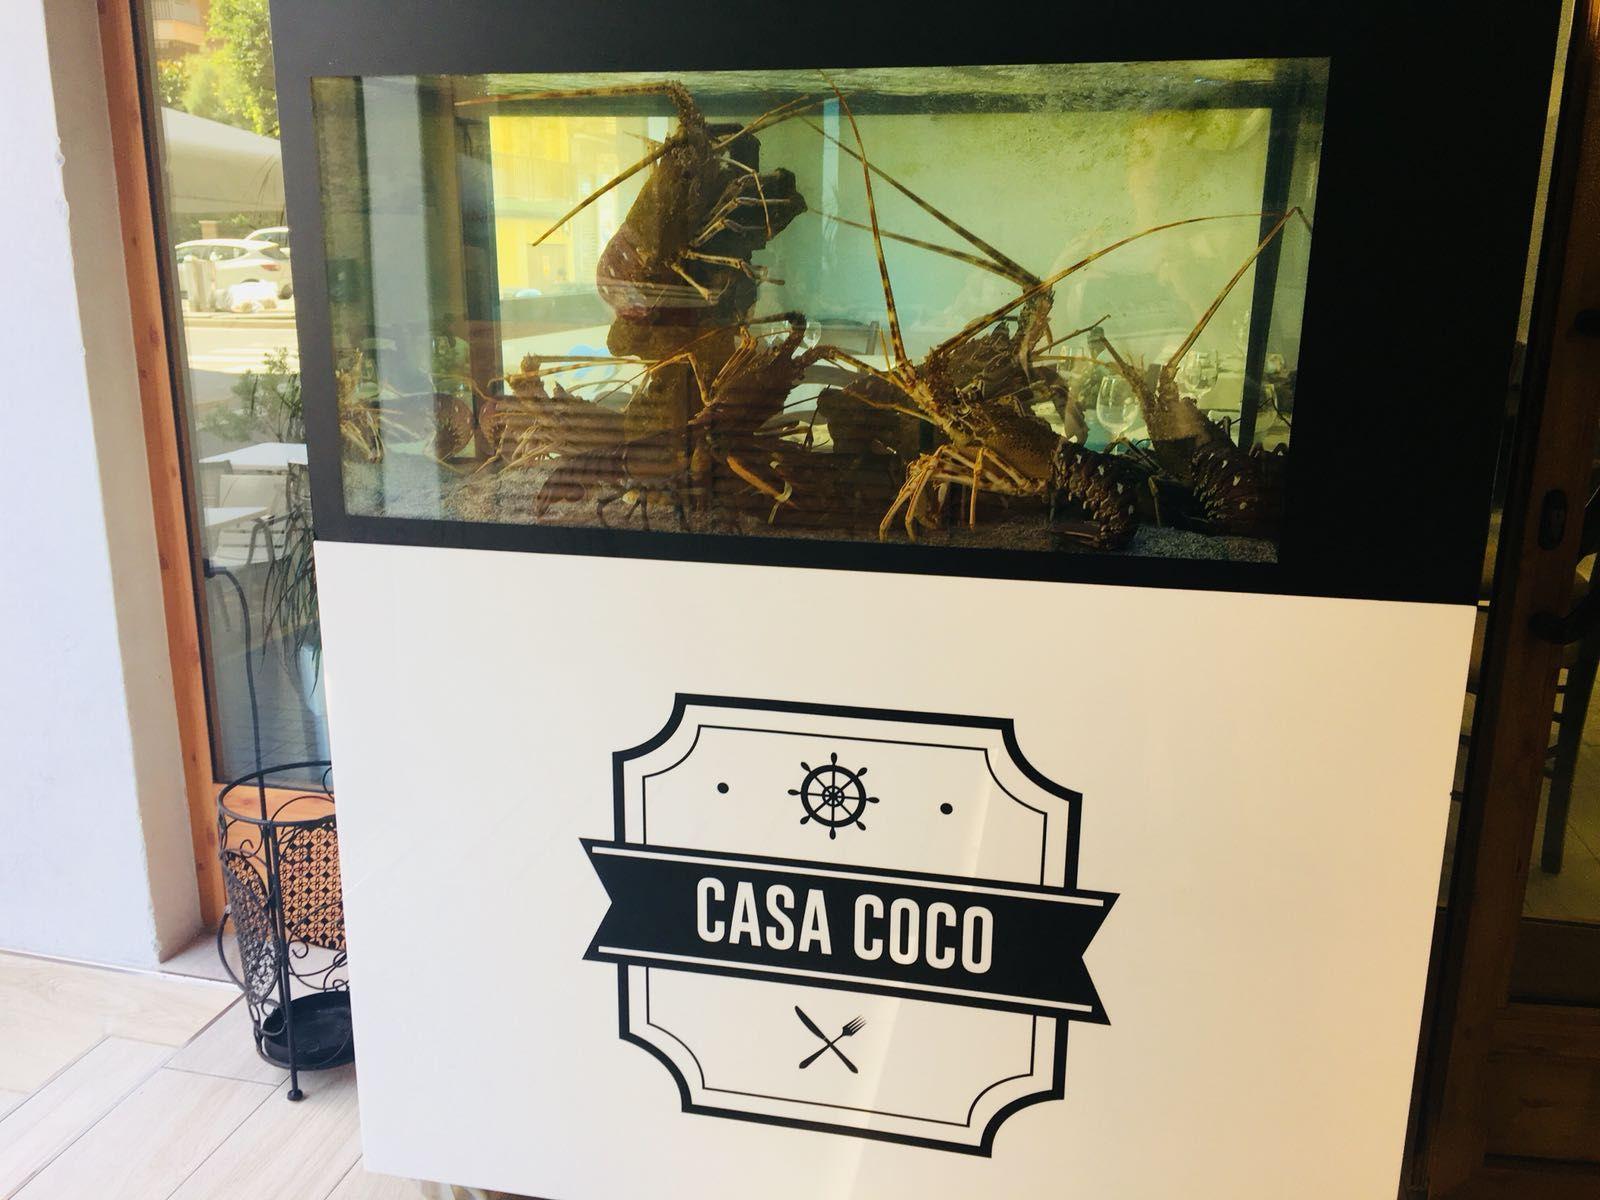 Restaurante Casa Coco: Nuestros servicios de Restaurante Casa Coco